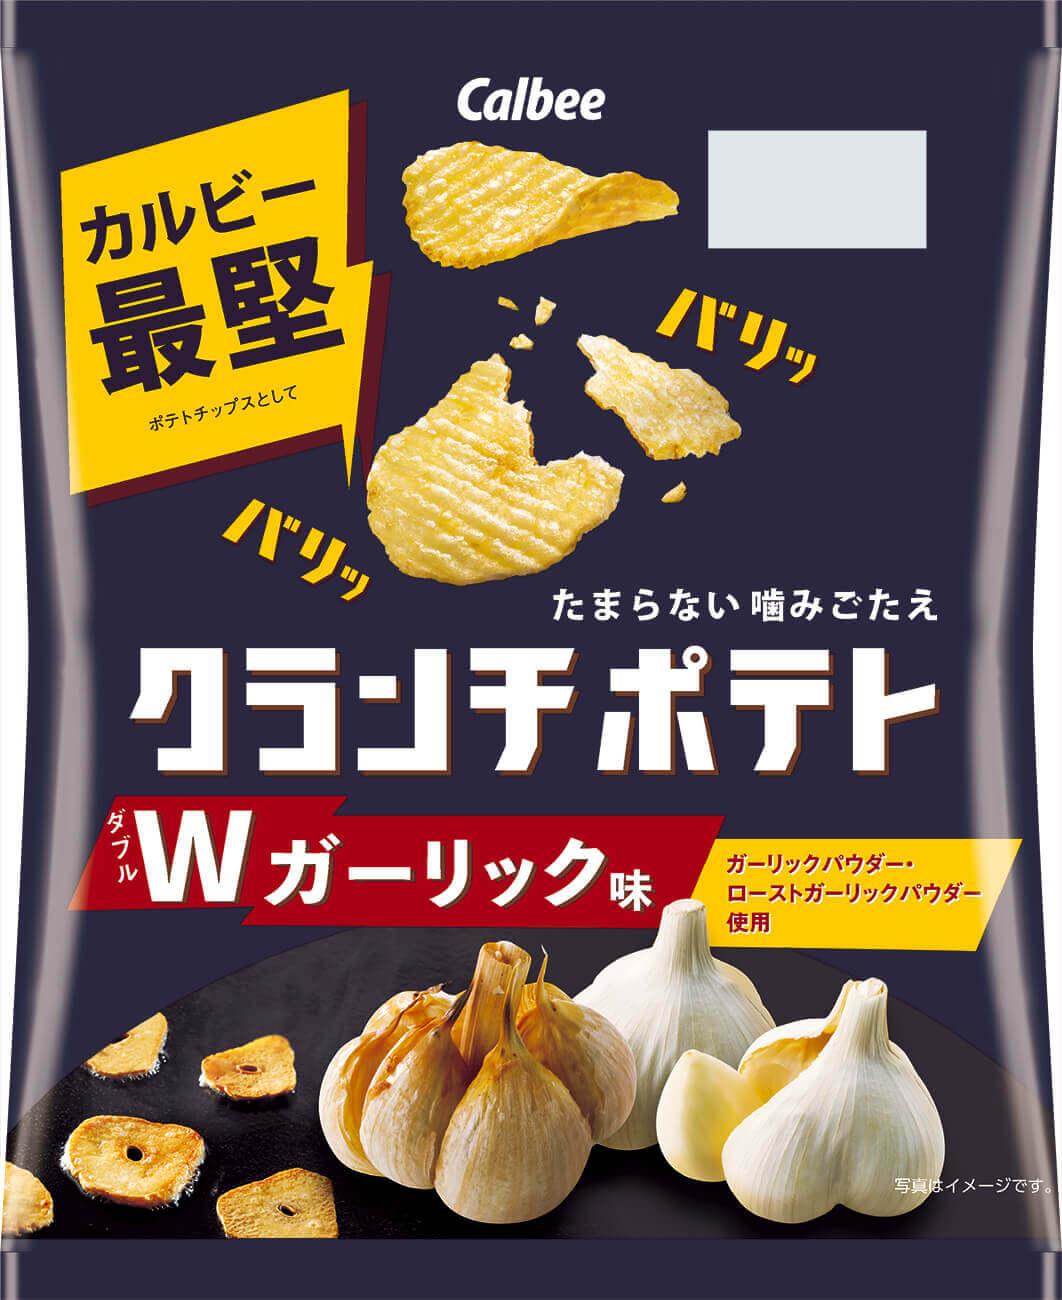 『クランチポテト ダブルガーリック味』